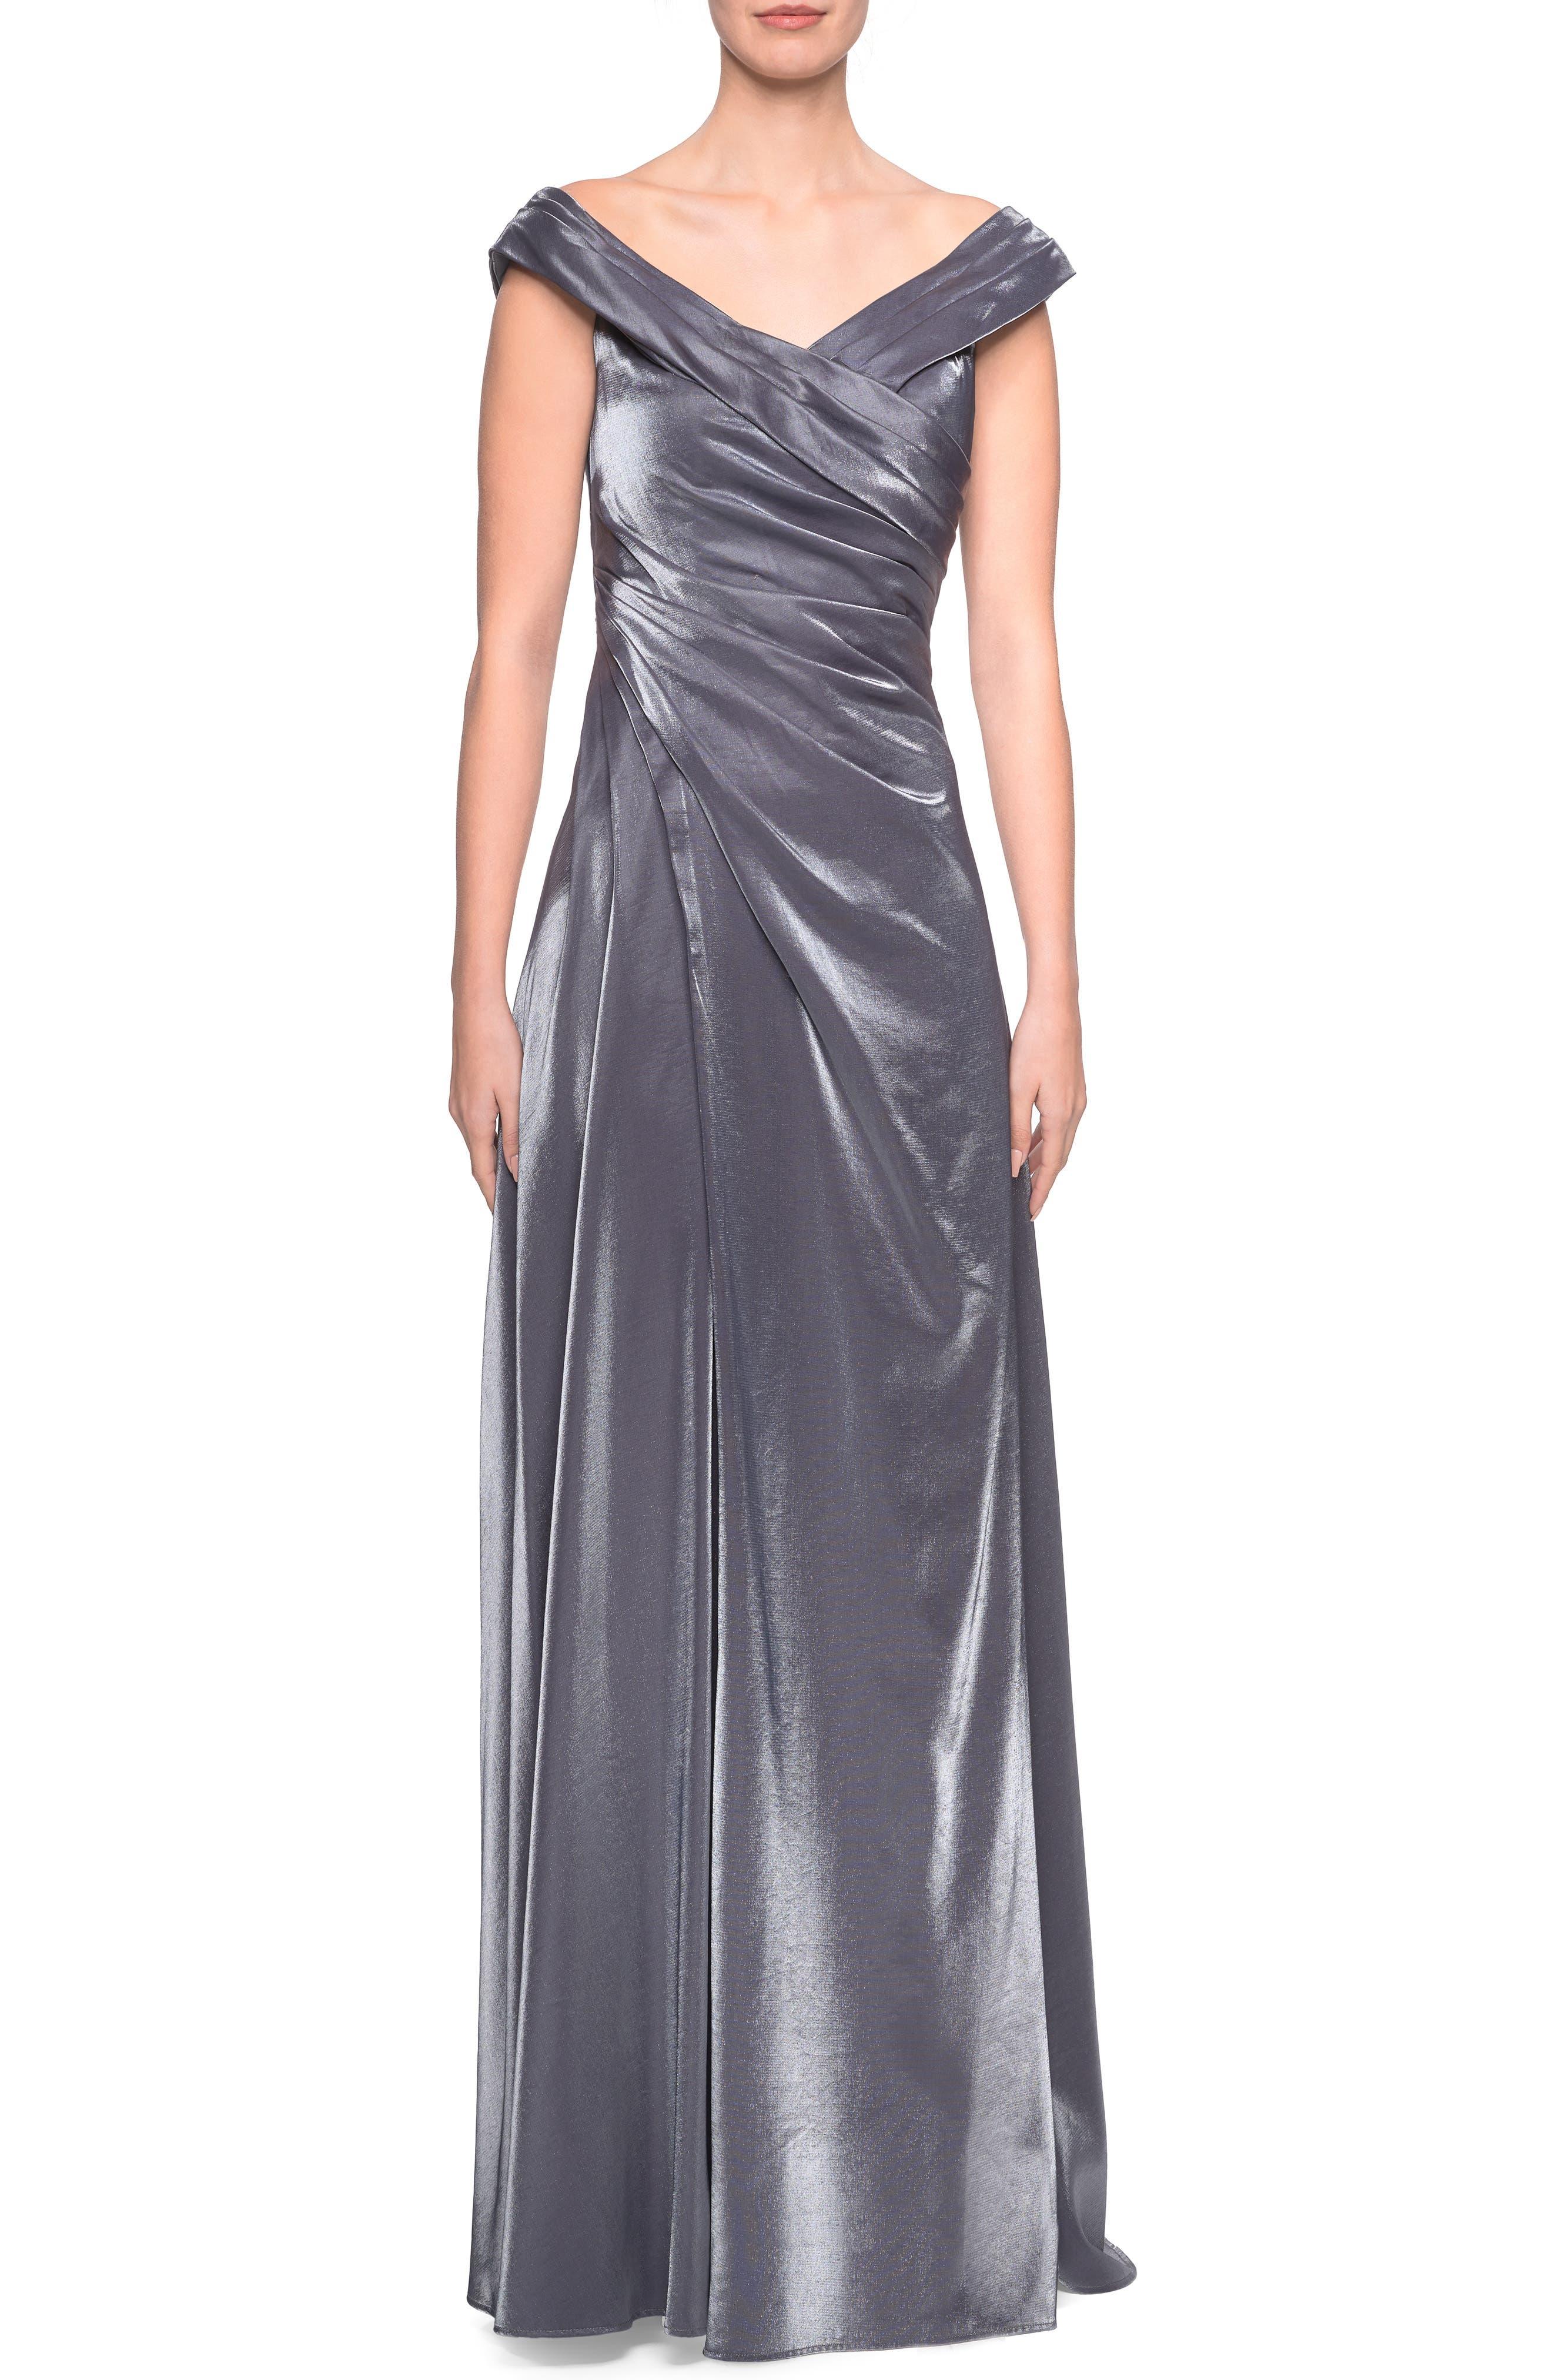 La Femme Ruched Satin Evening Dress, Grey